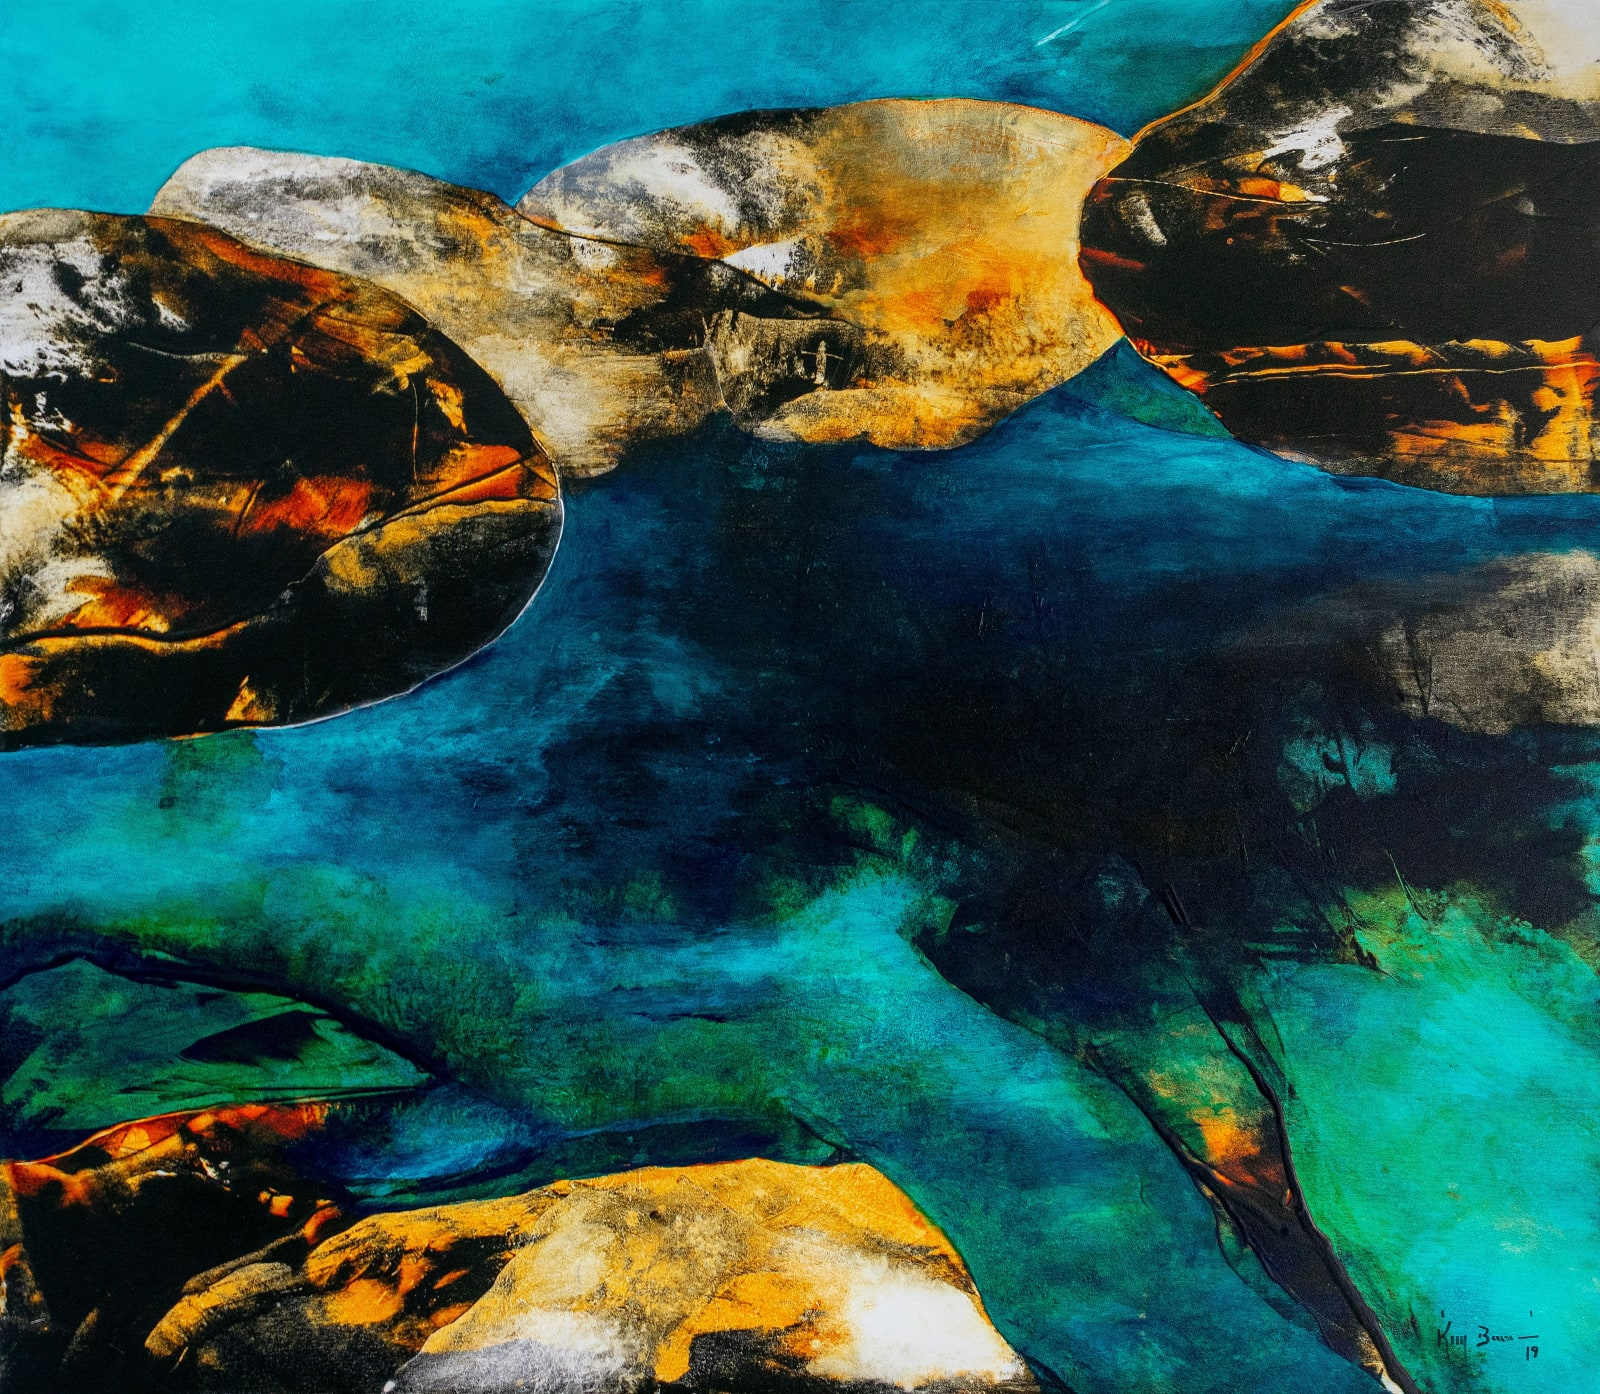 Kim Bennani Untitled, 2020 Mixed media 130 x 150 cm